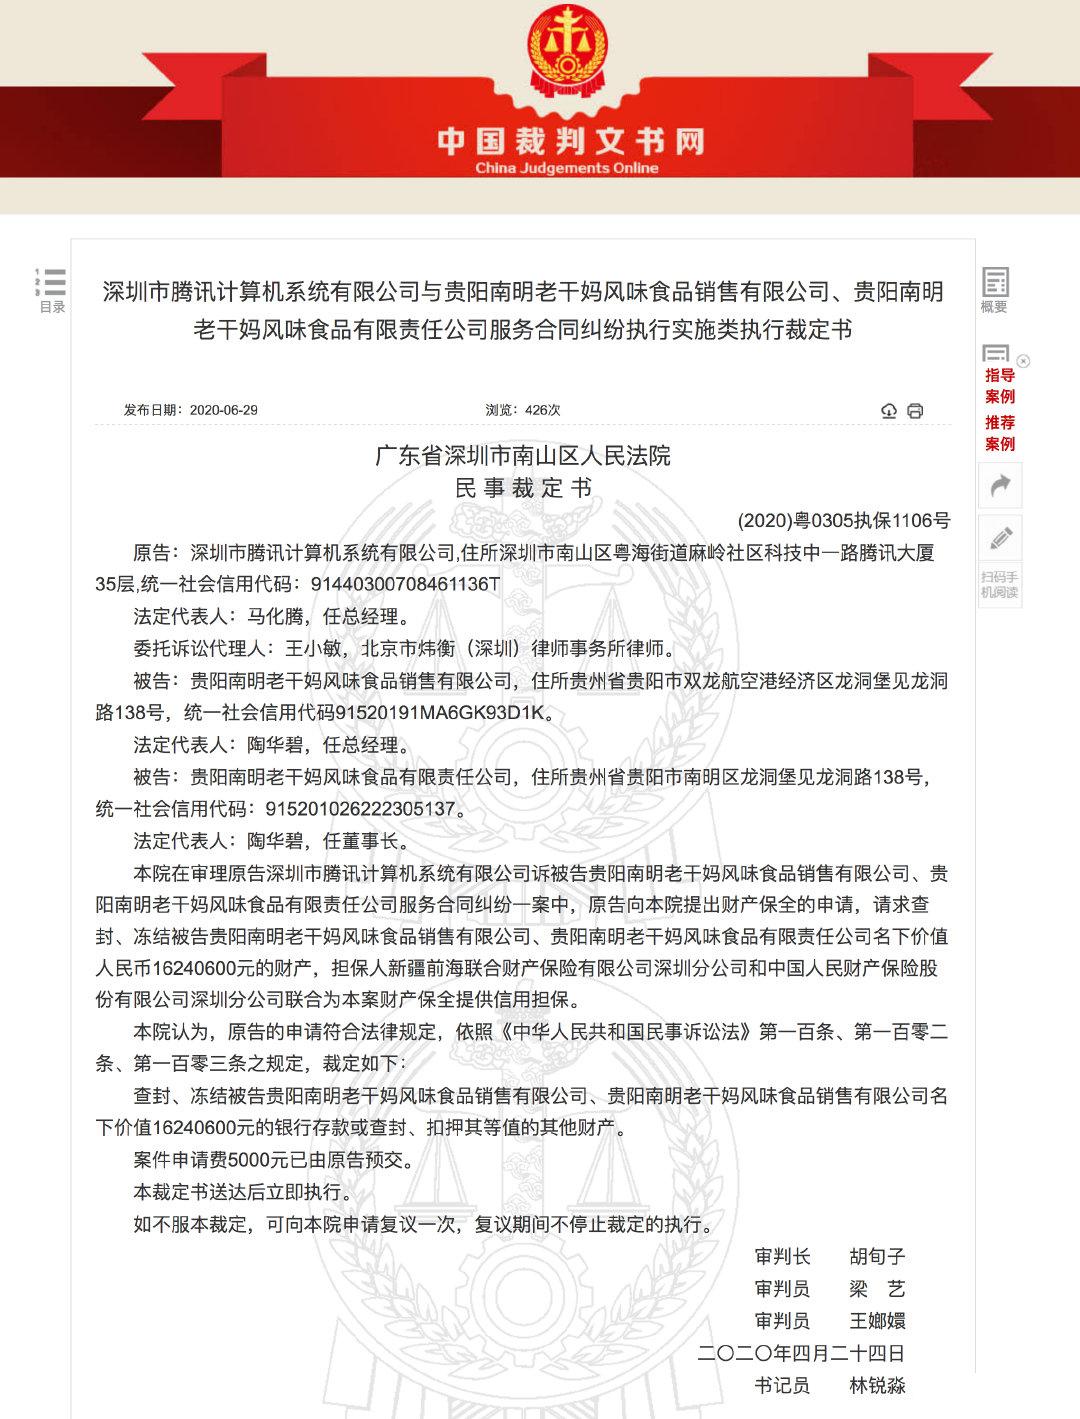 因合同纠纷 腾讯请求查封贵州老干妈公司1624万财产